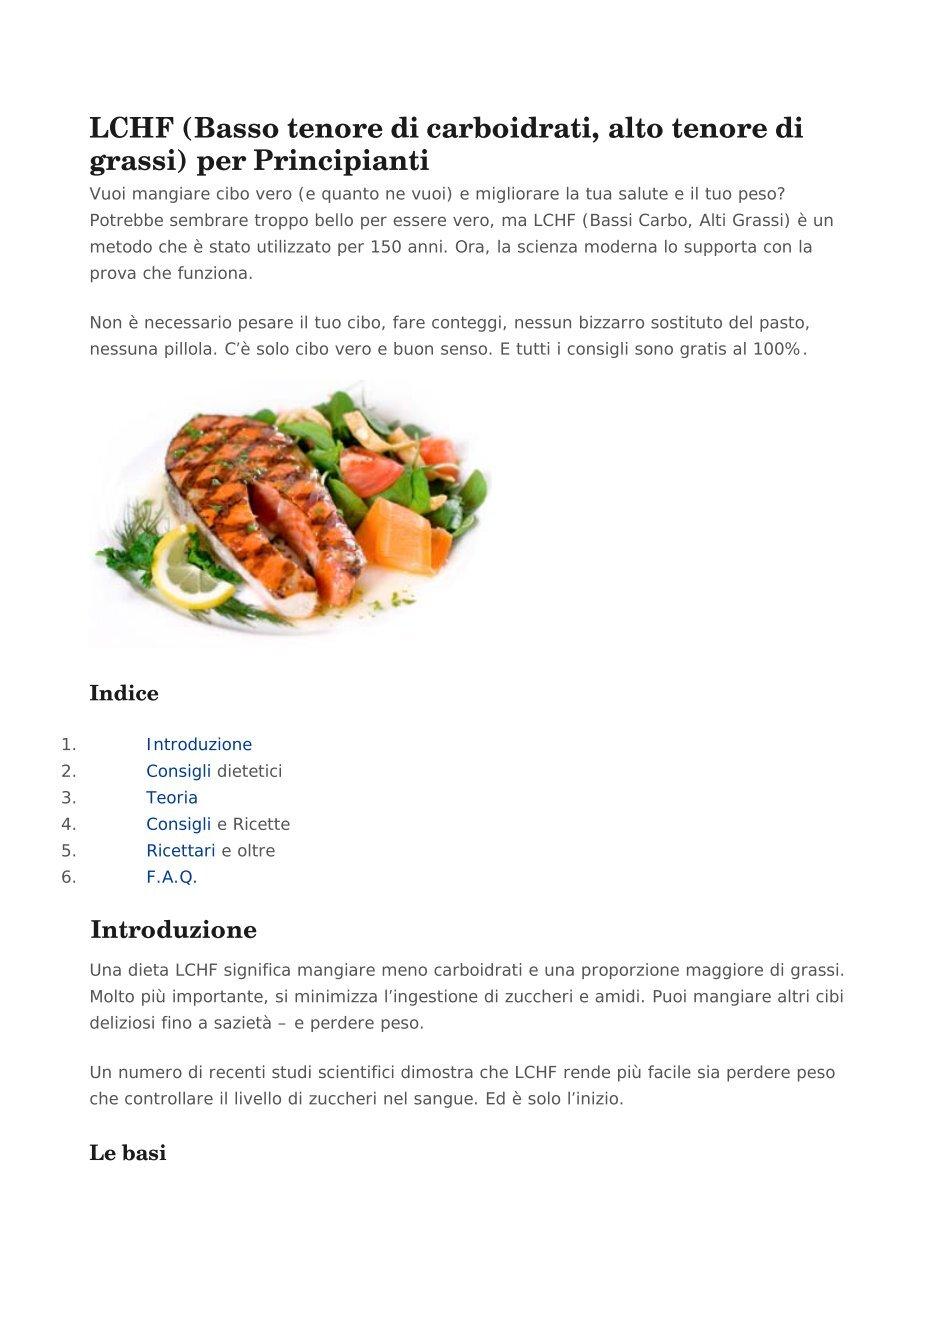 dieta de lchf significa